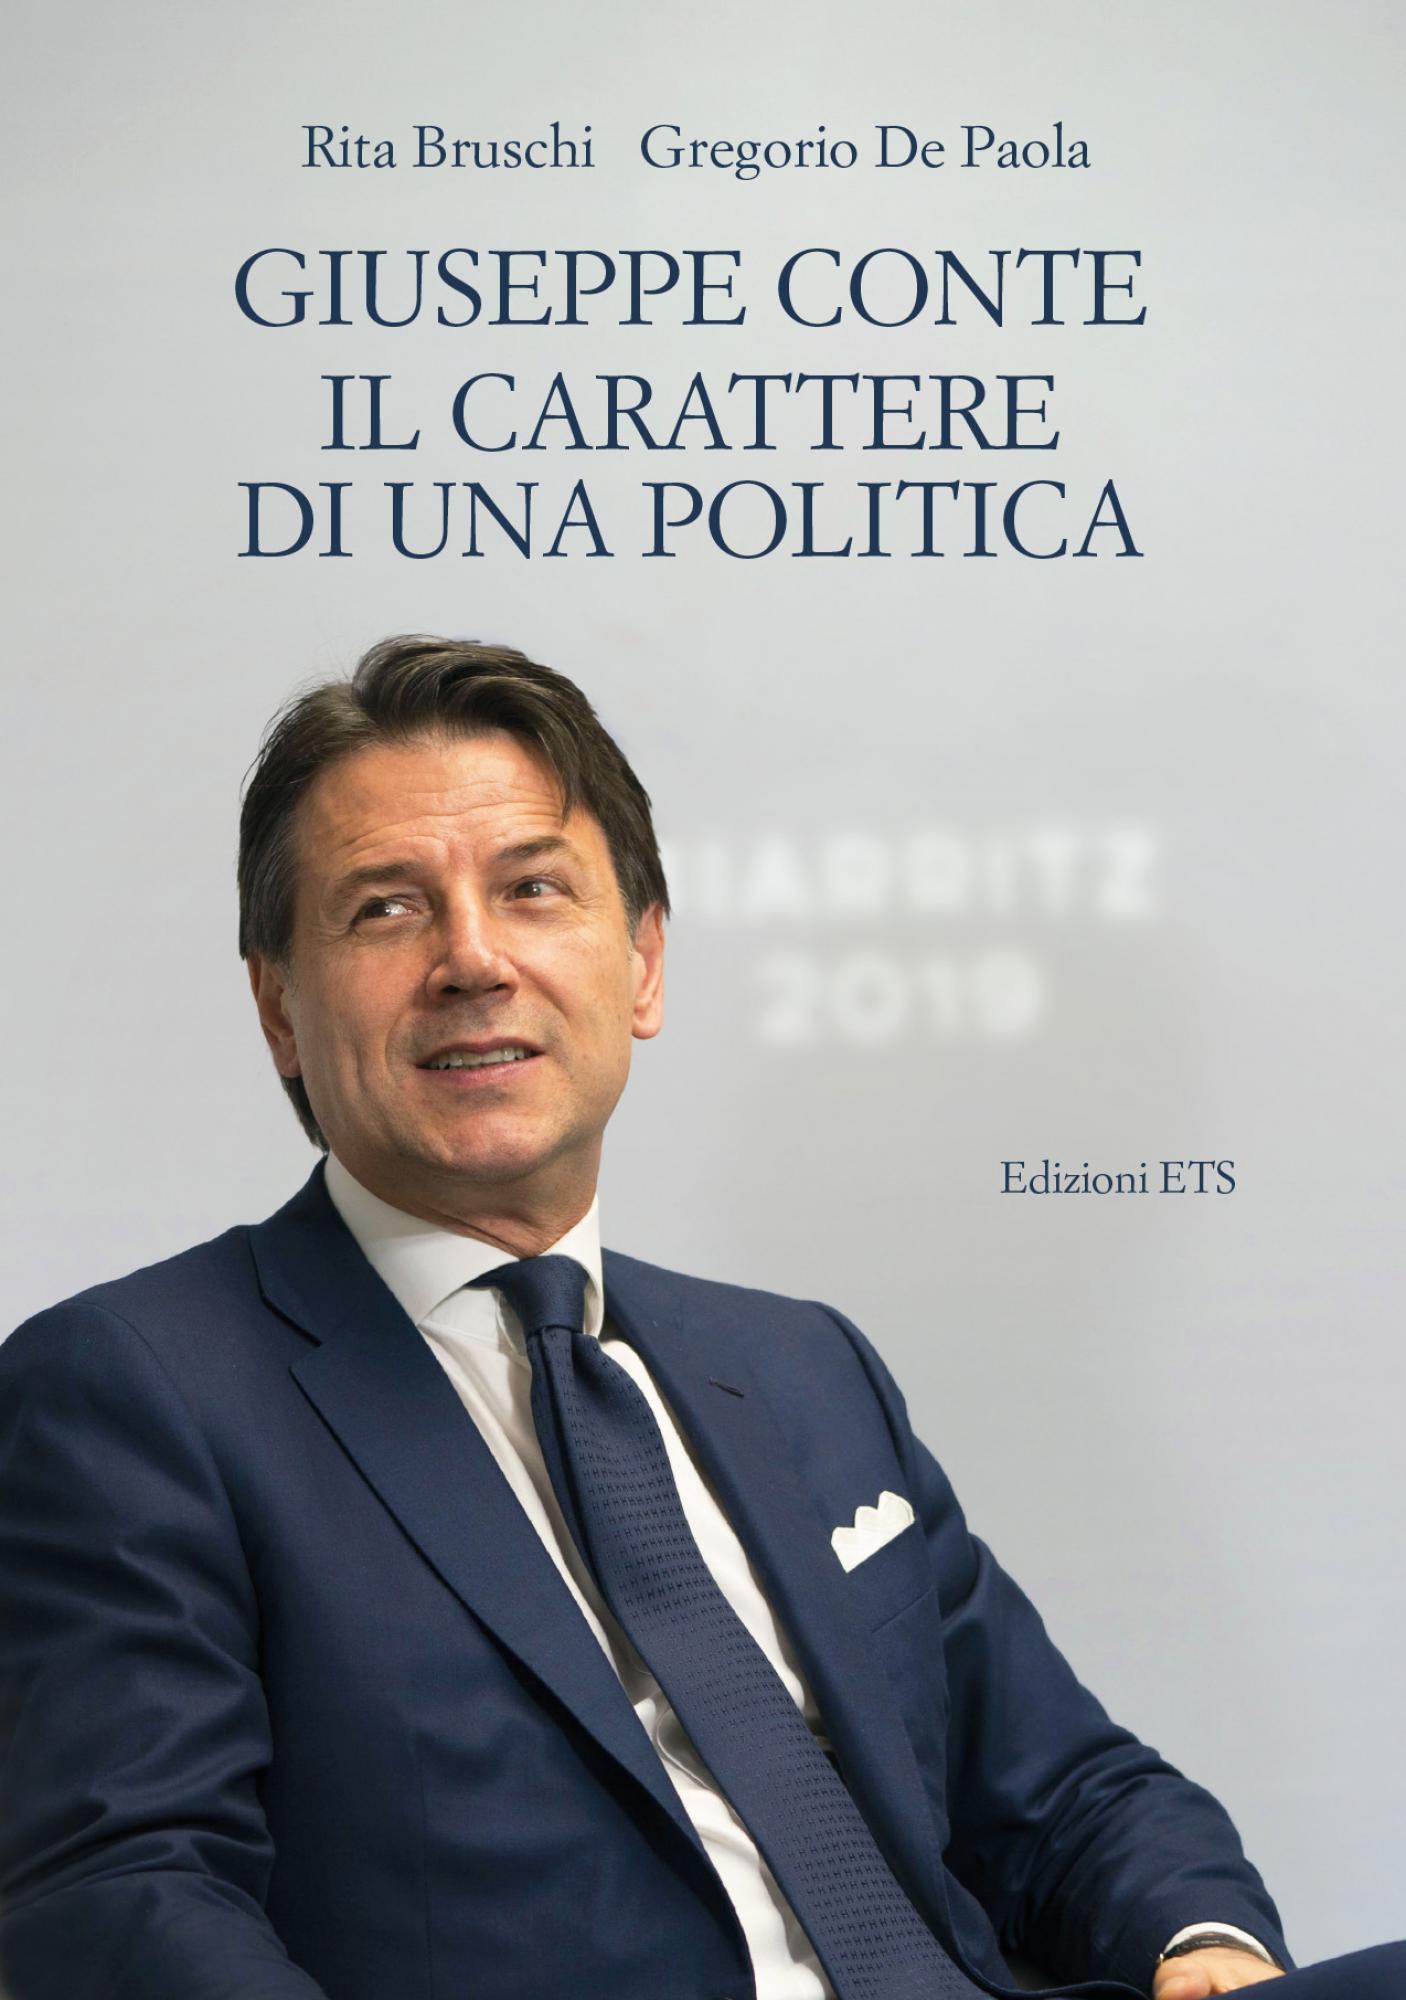 Giuseppe Conte.Il carattere di una politica